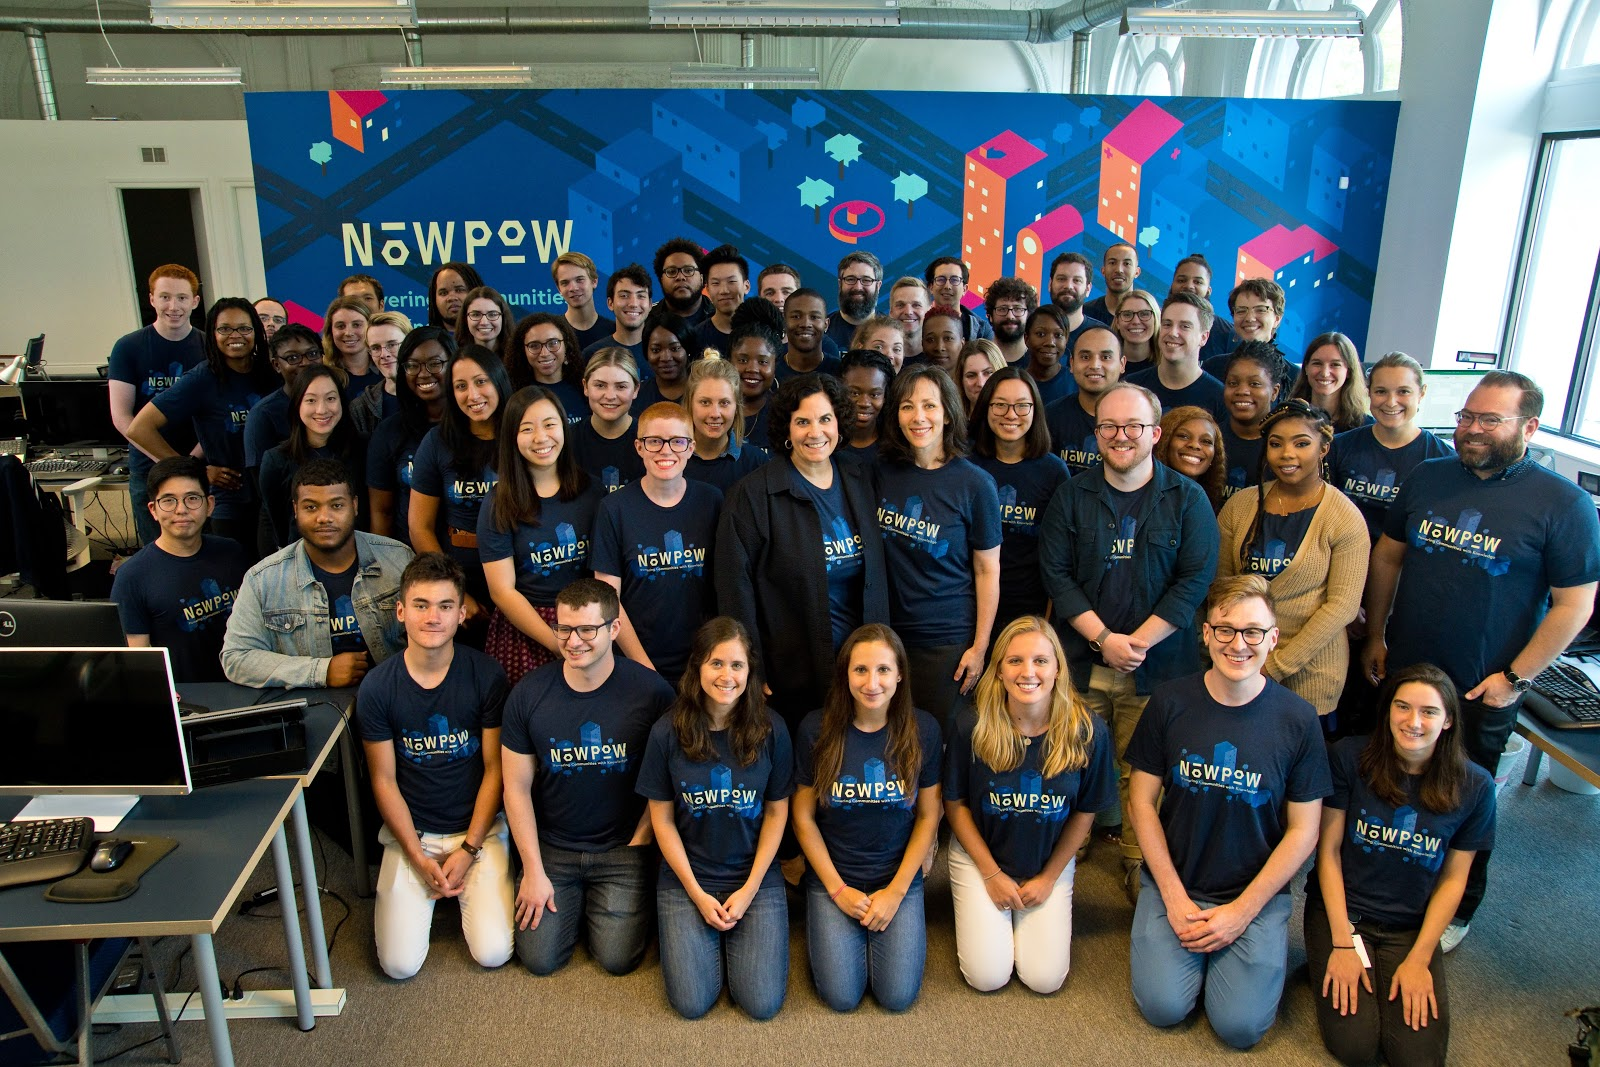 NowPow team members.